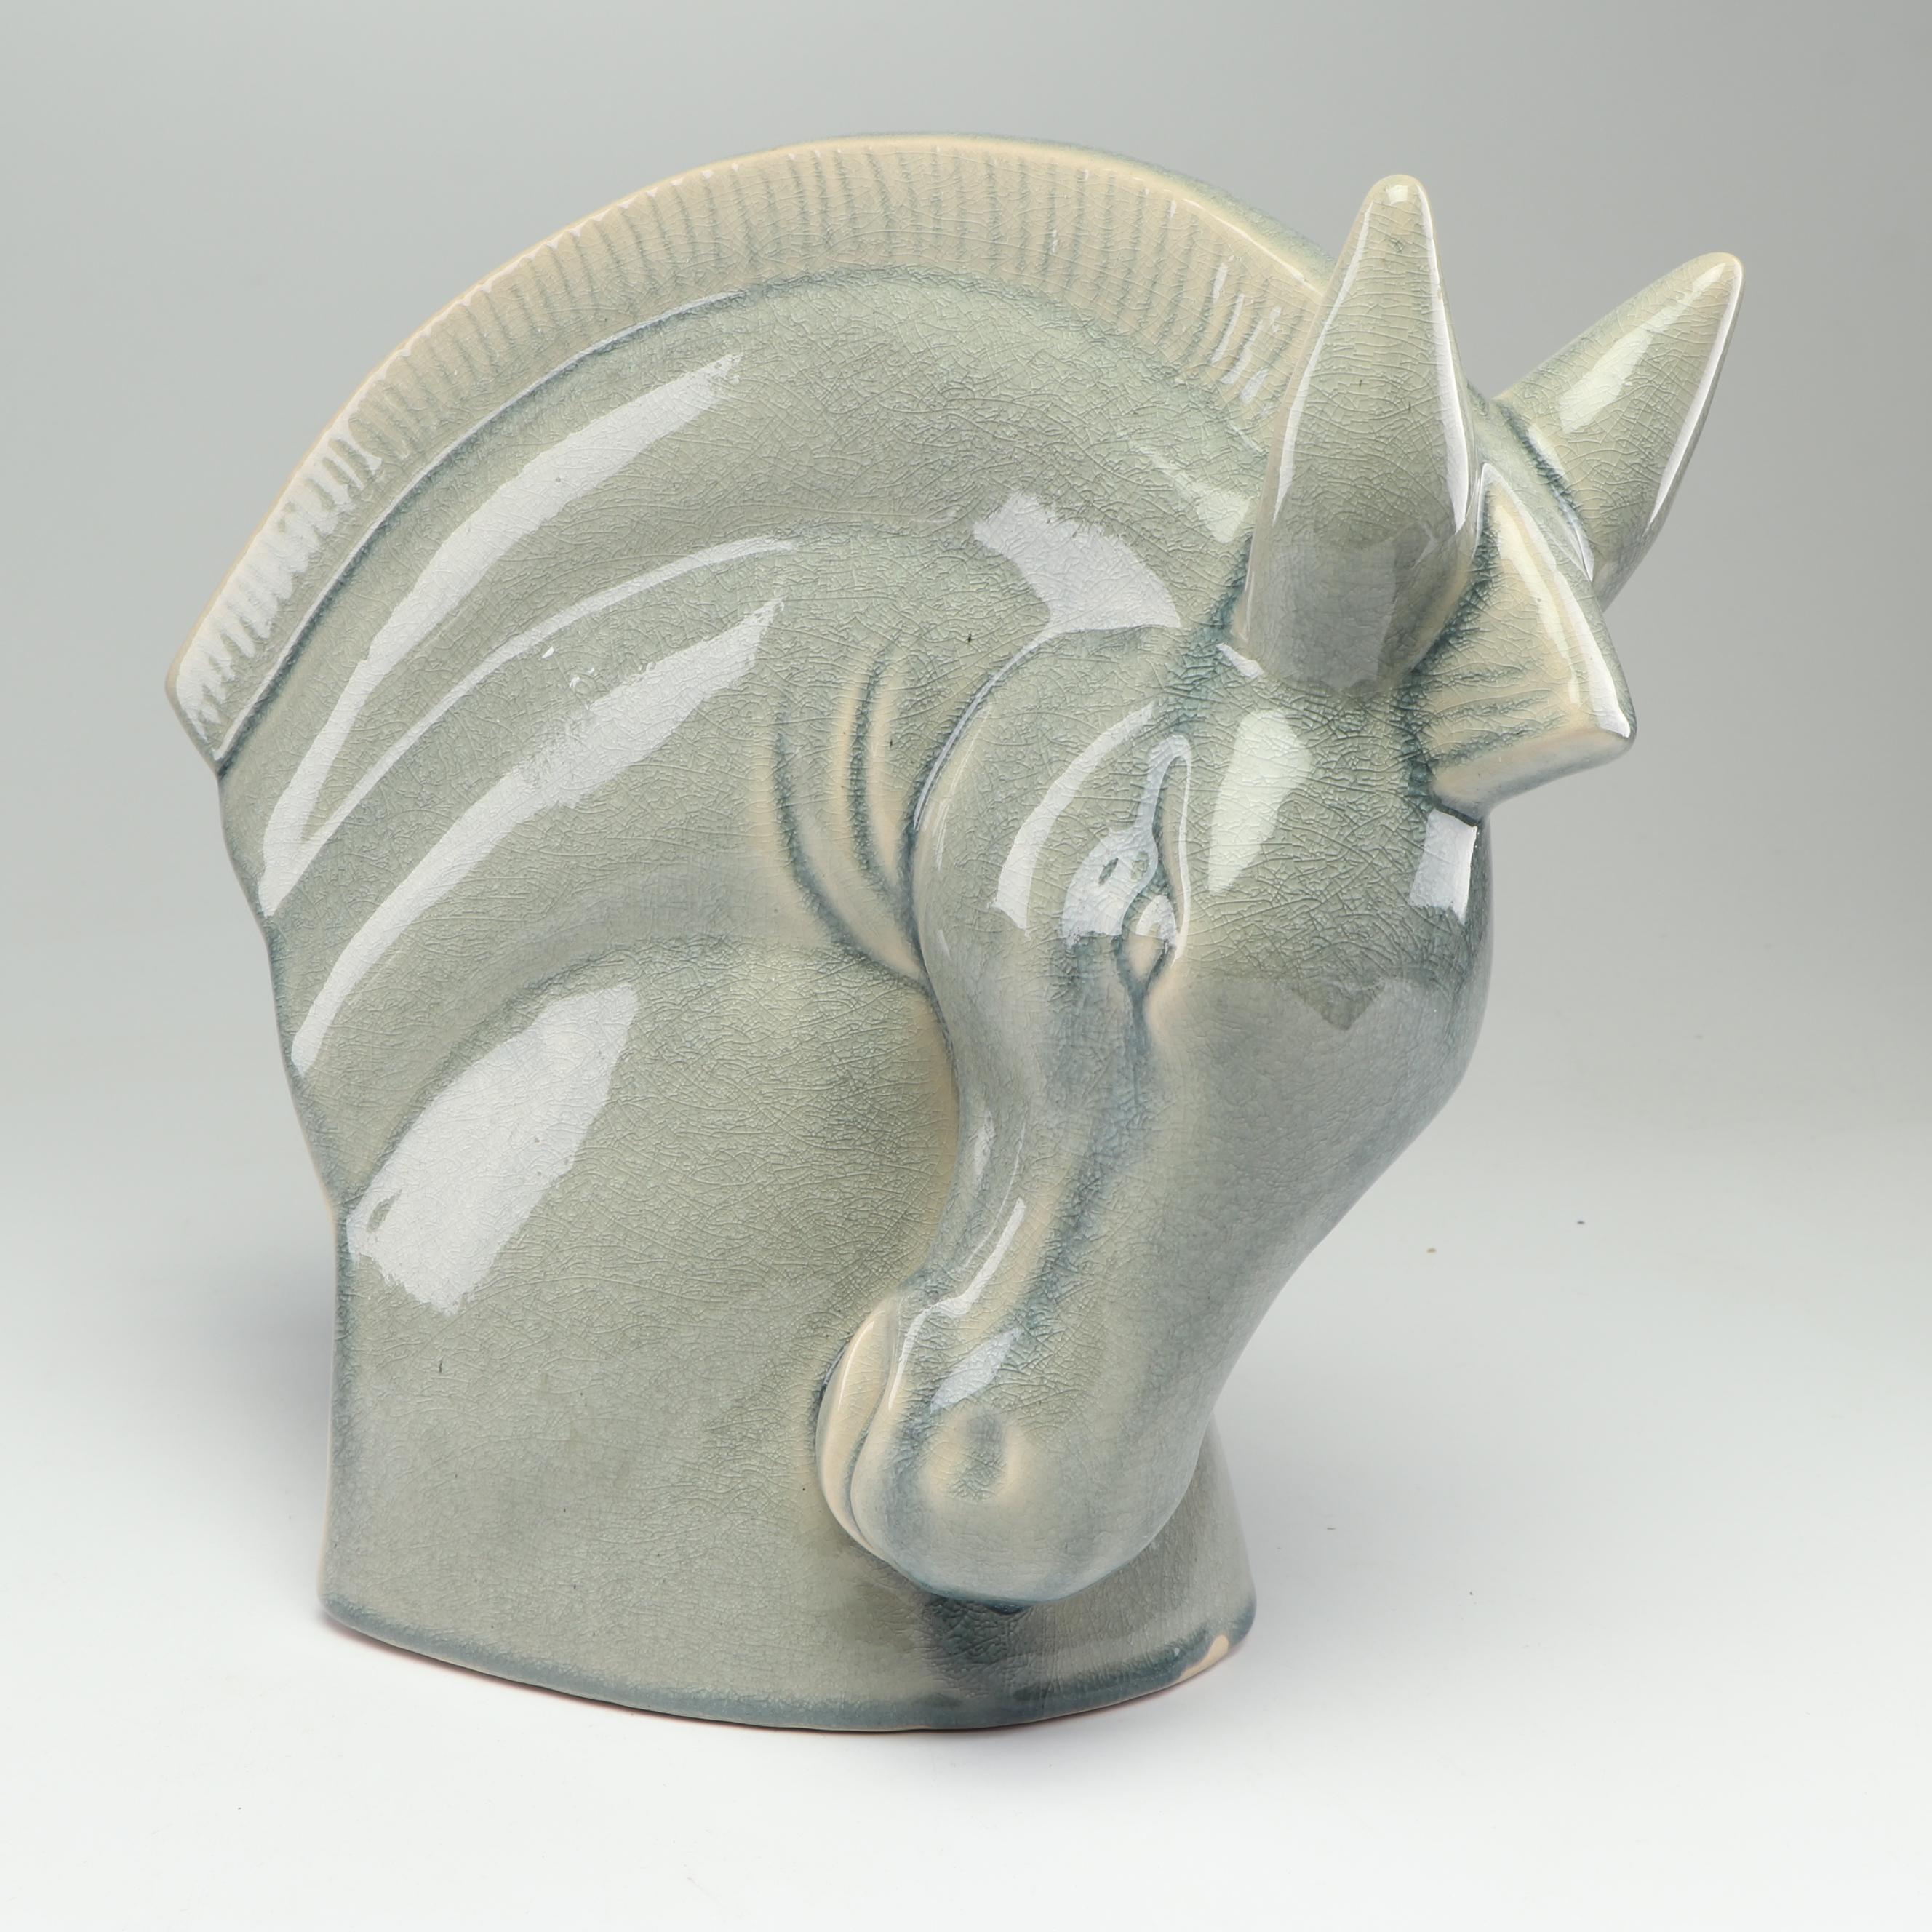 Contemporary Ceramic Horse Head Sculpture